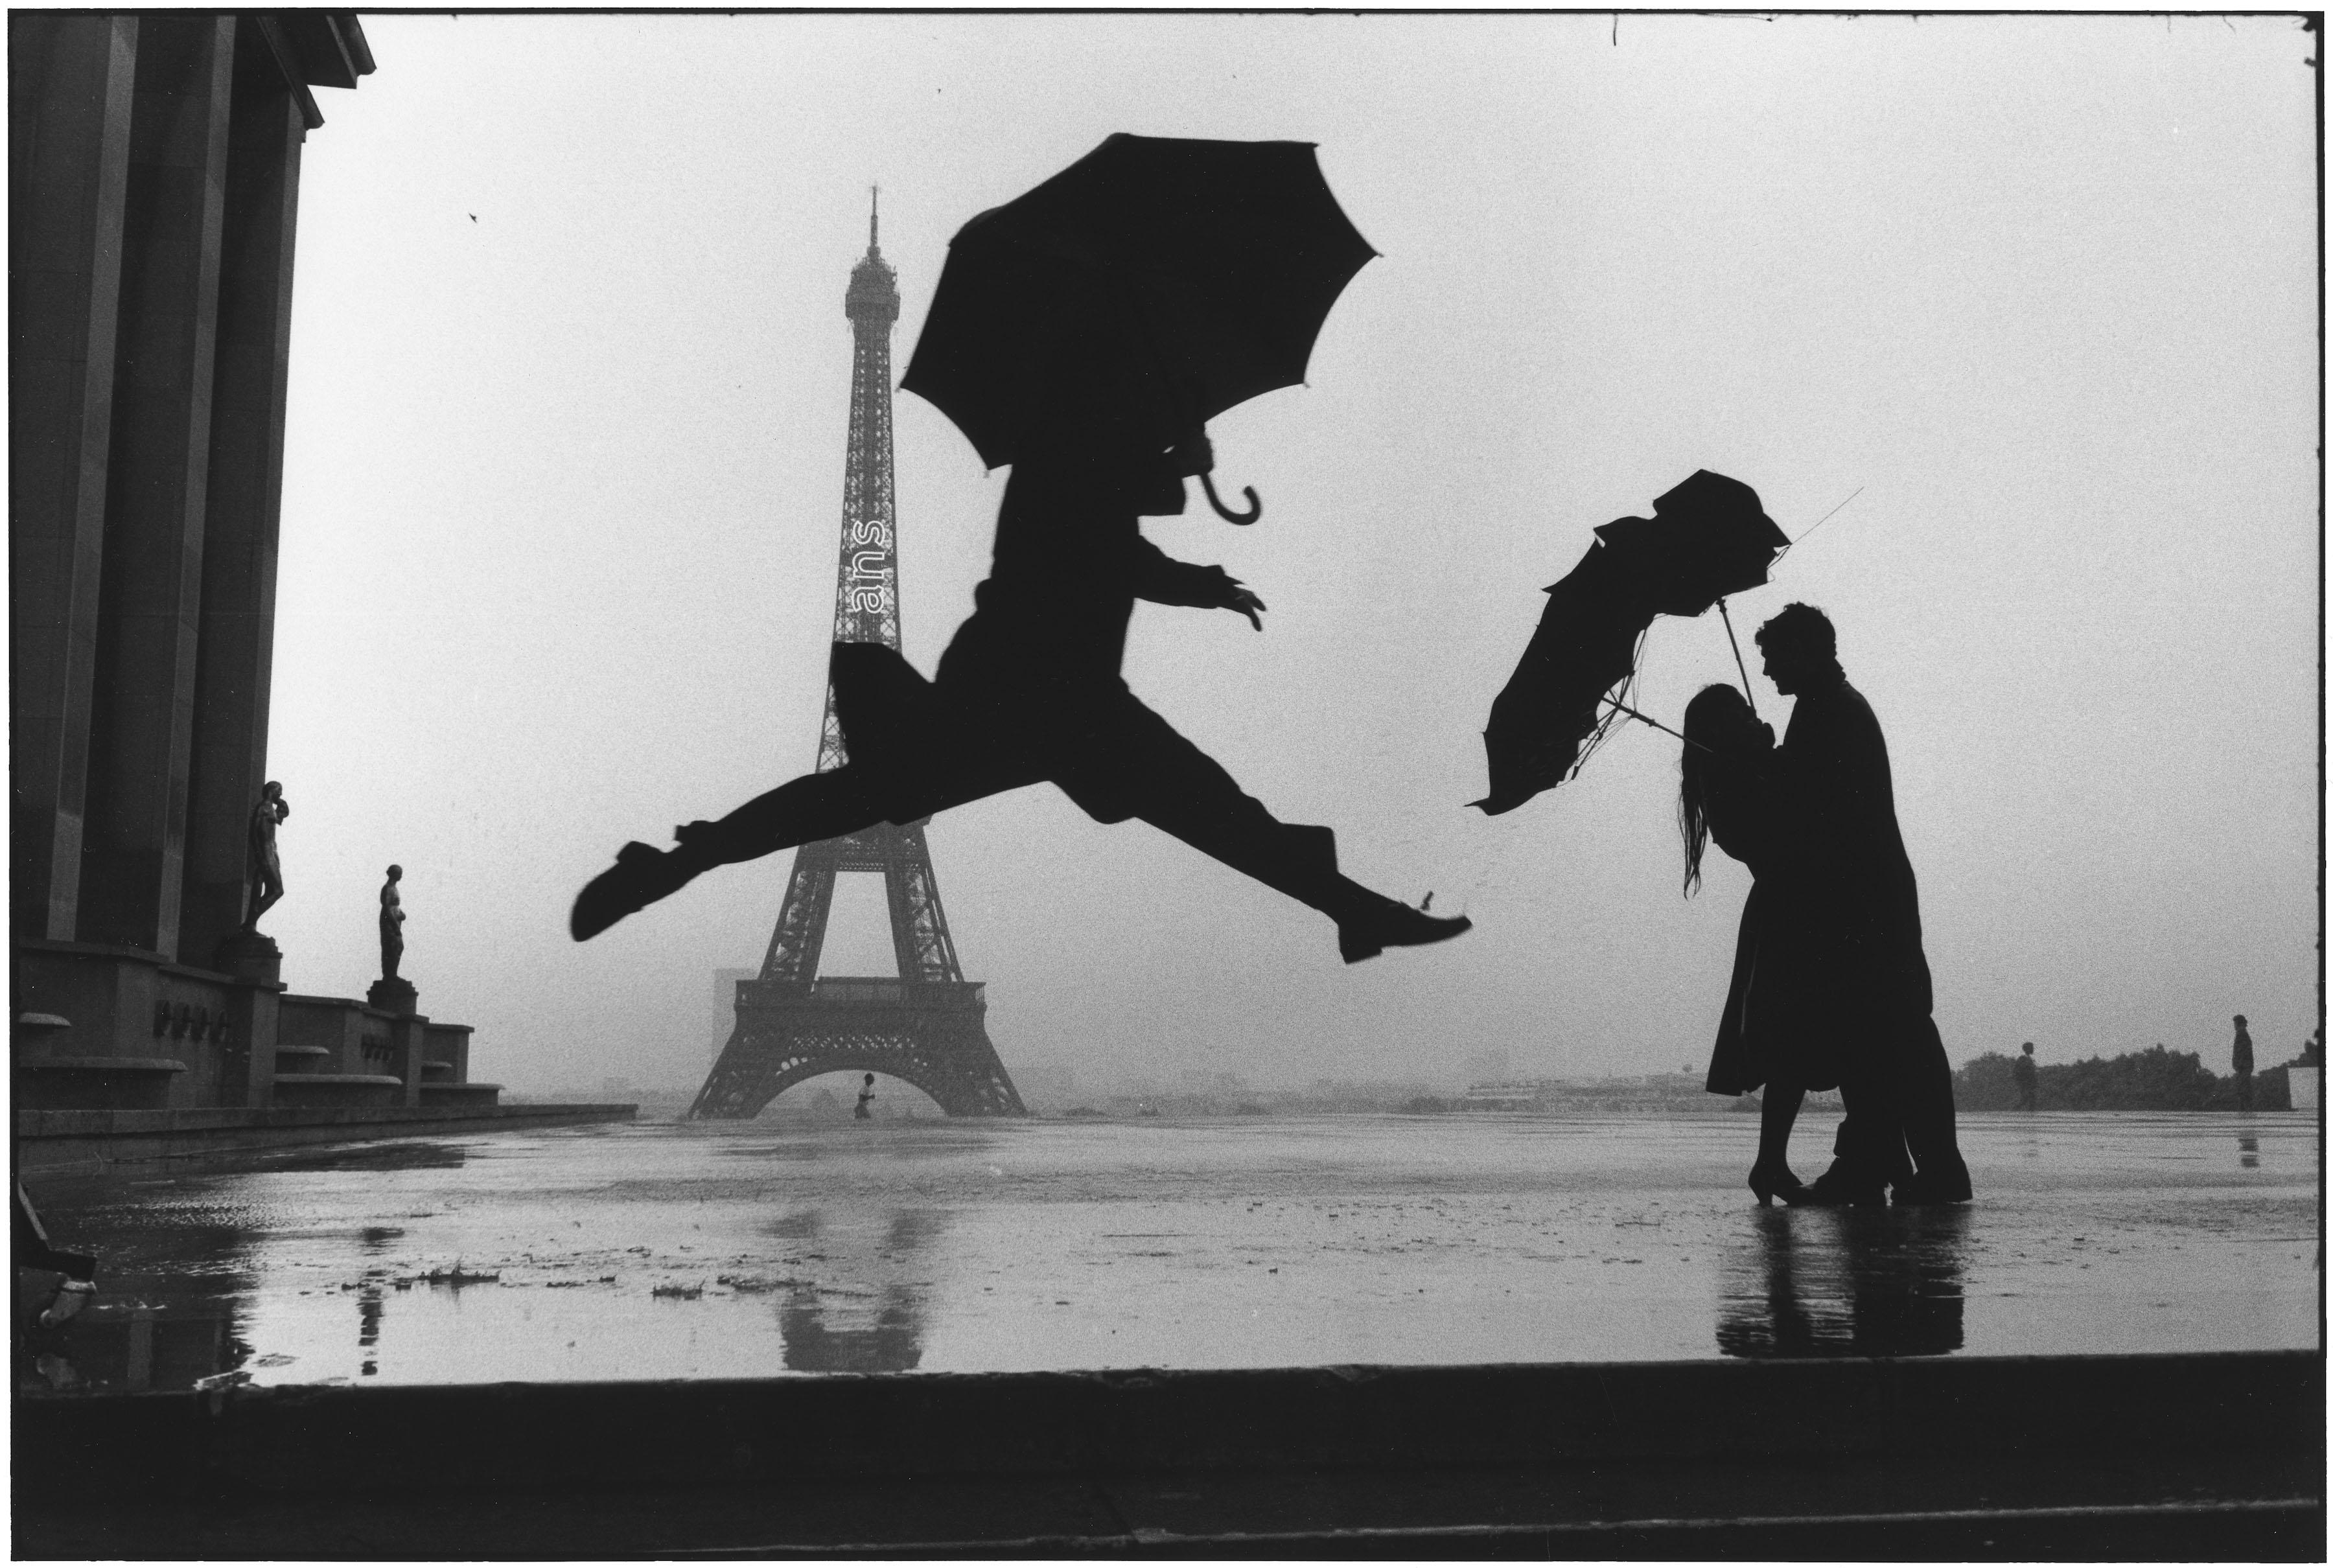 Elliott Erwitt - France, Paris, 1989 - © Elliott Erwitt/Contrasto